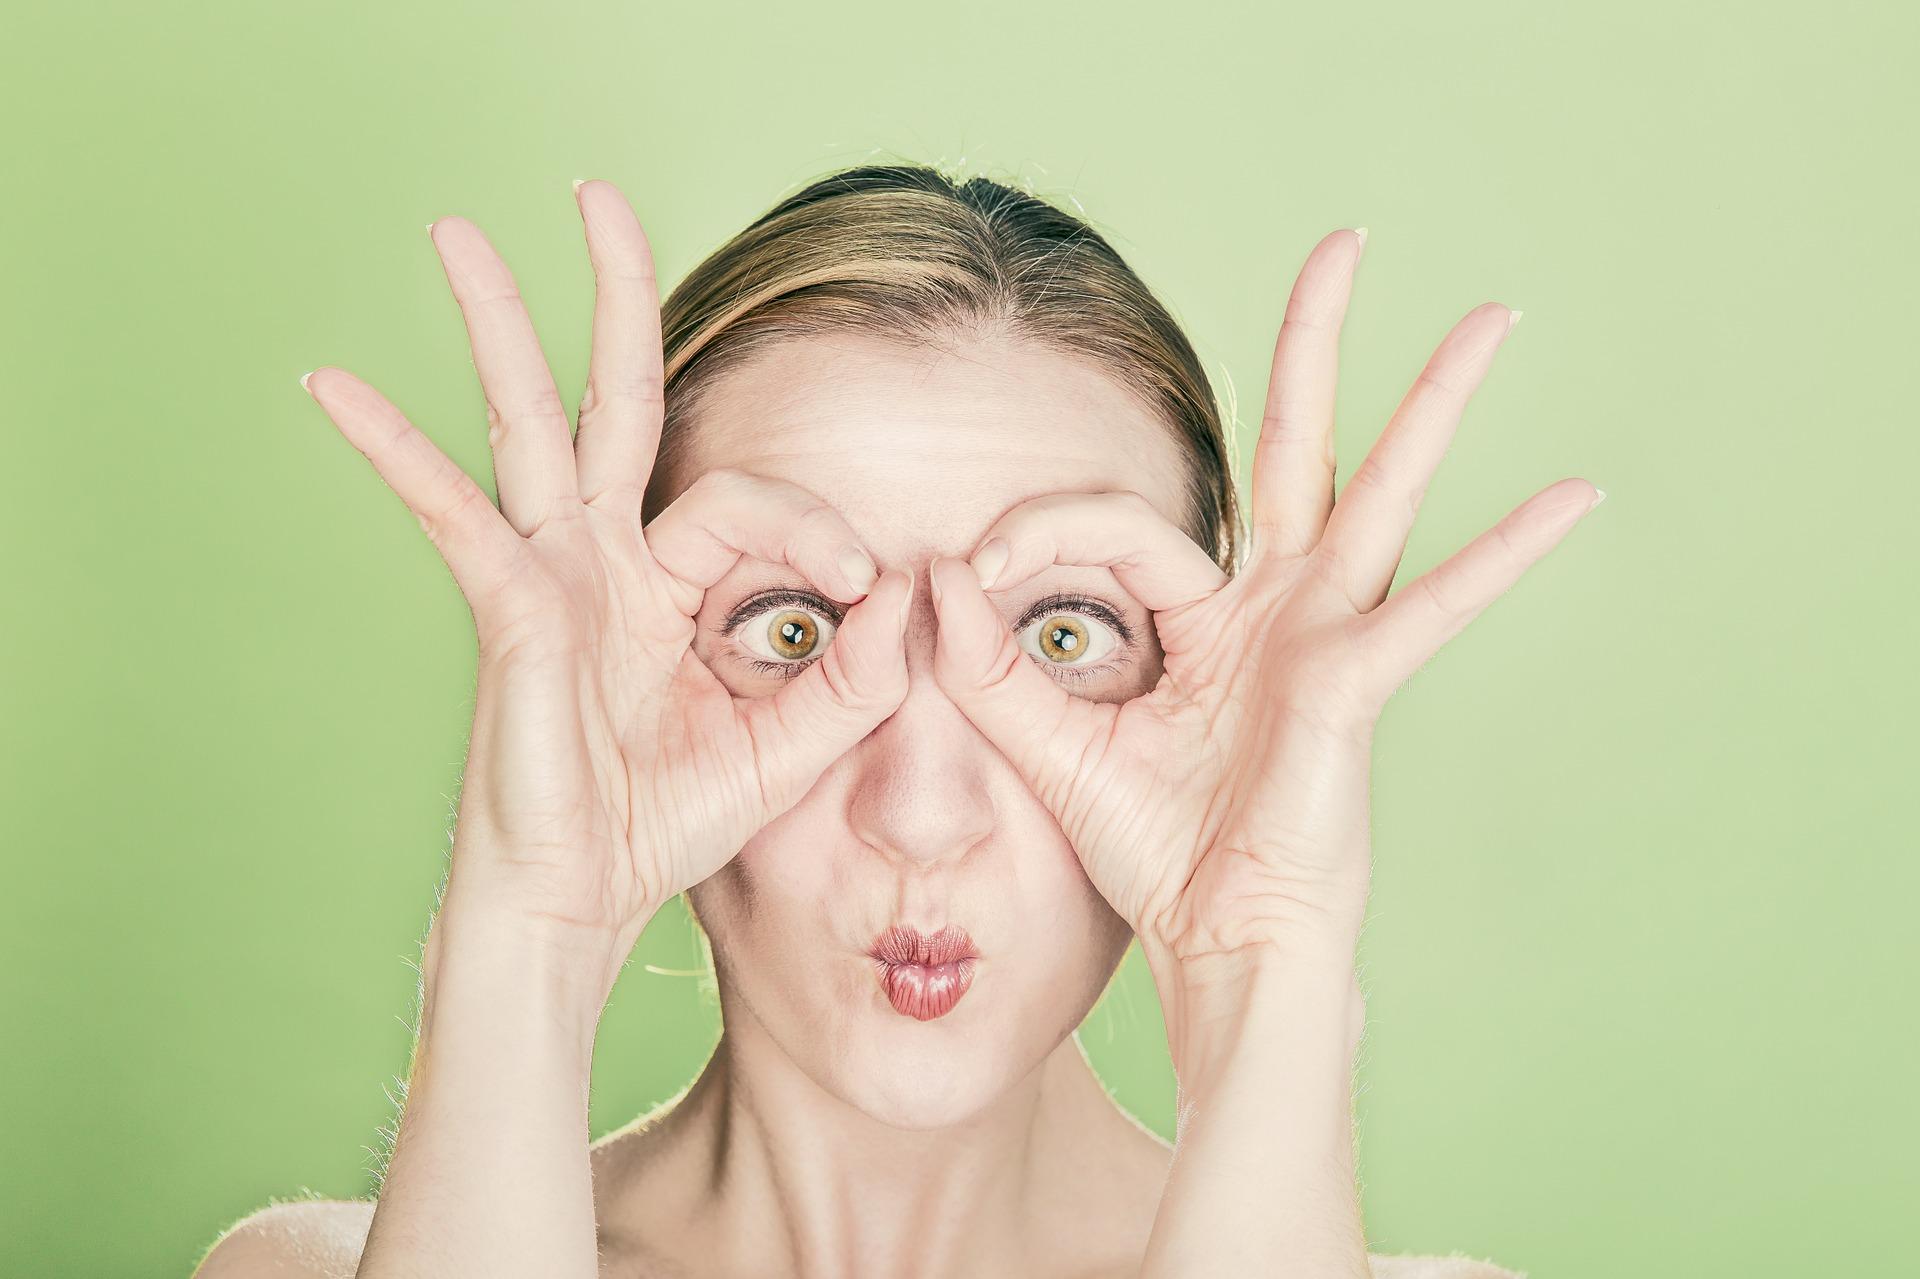 Buscas alternativa al botox con parches antiarrugas